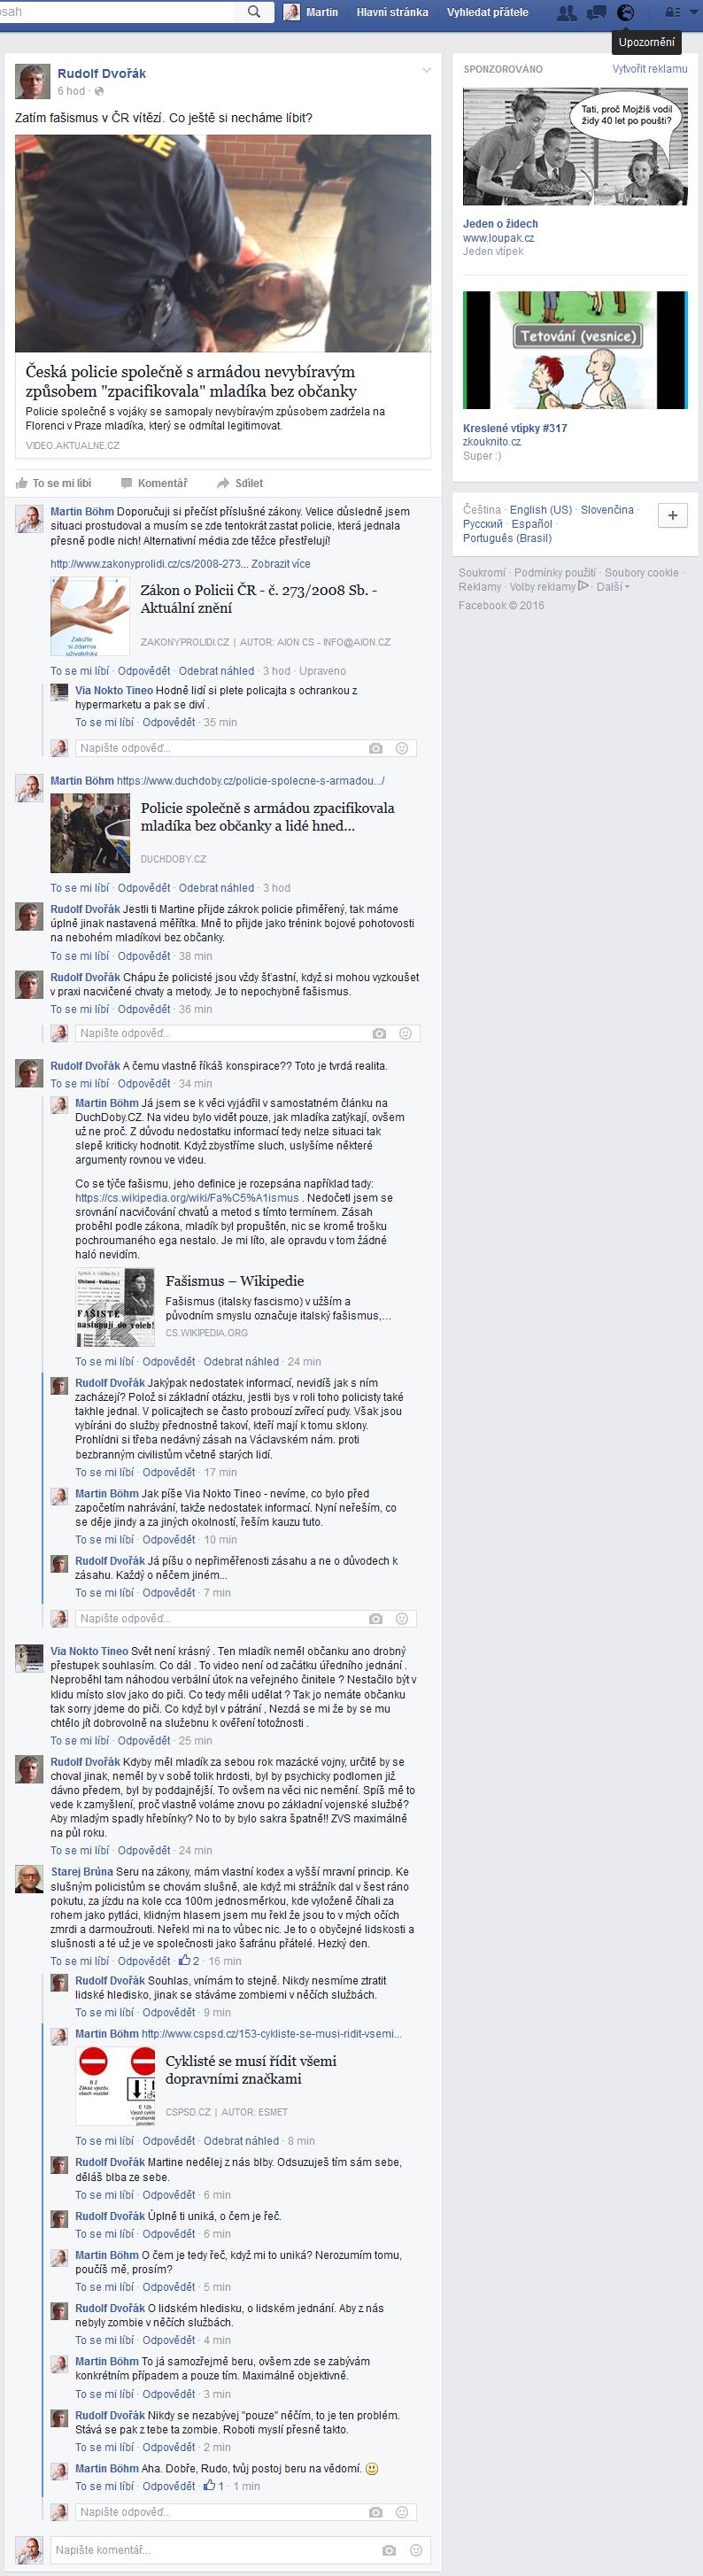 Facebooková zeď Rudolfa Dvořáka k 19 hodině